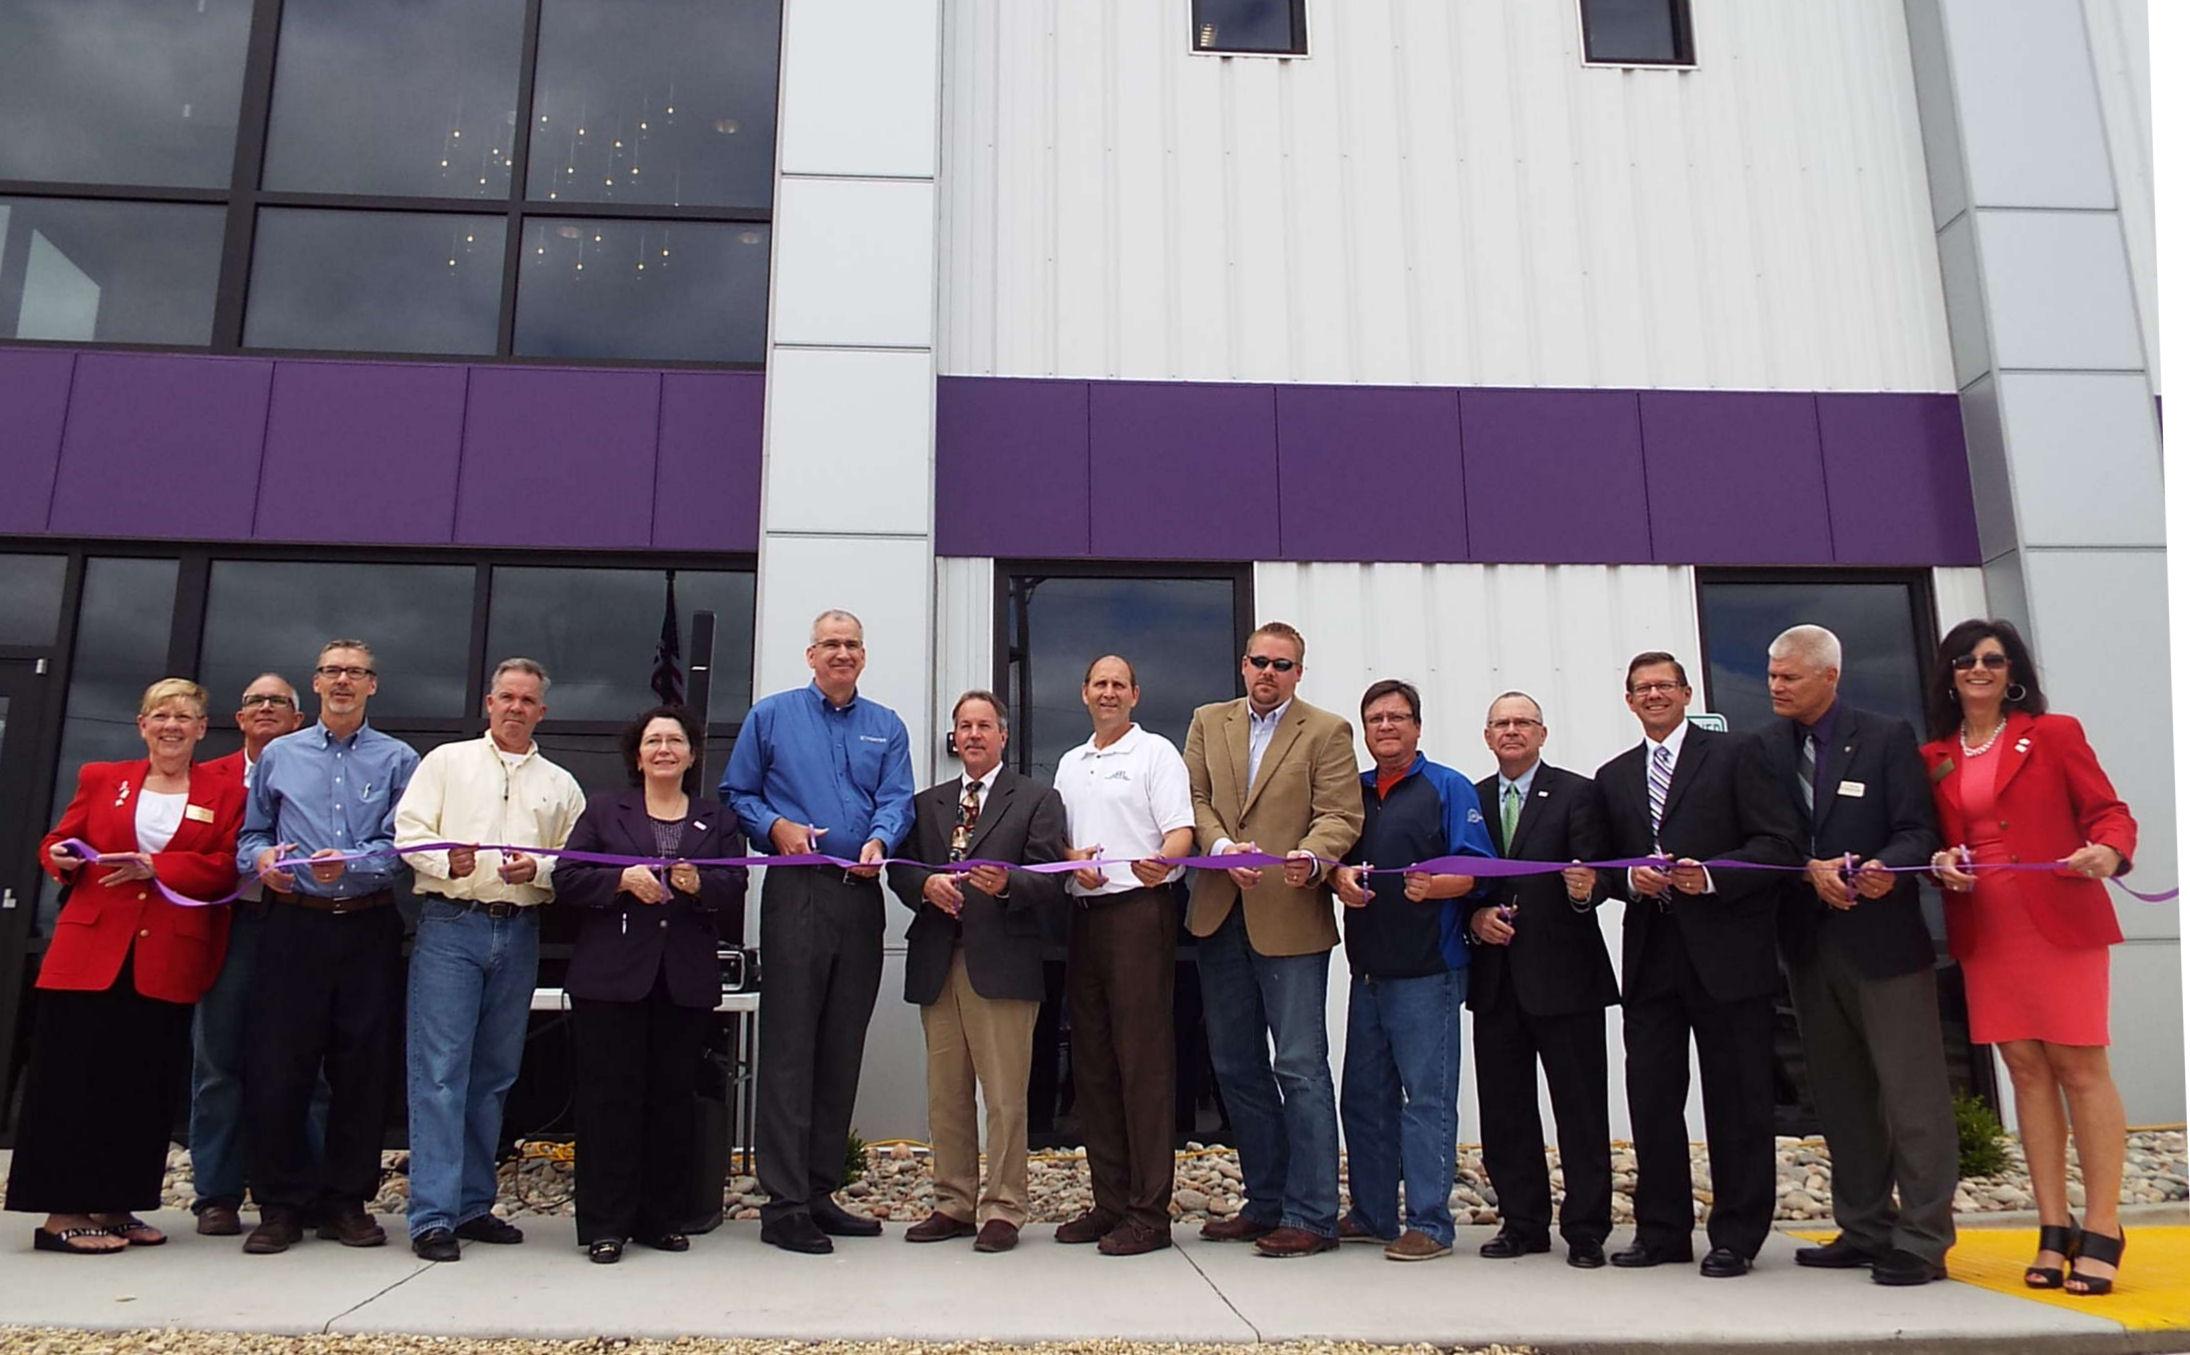 Ribbon Cut On Bulk Solids Innovation Center